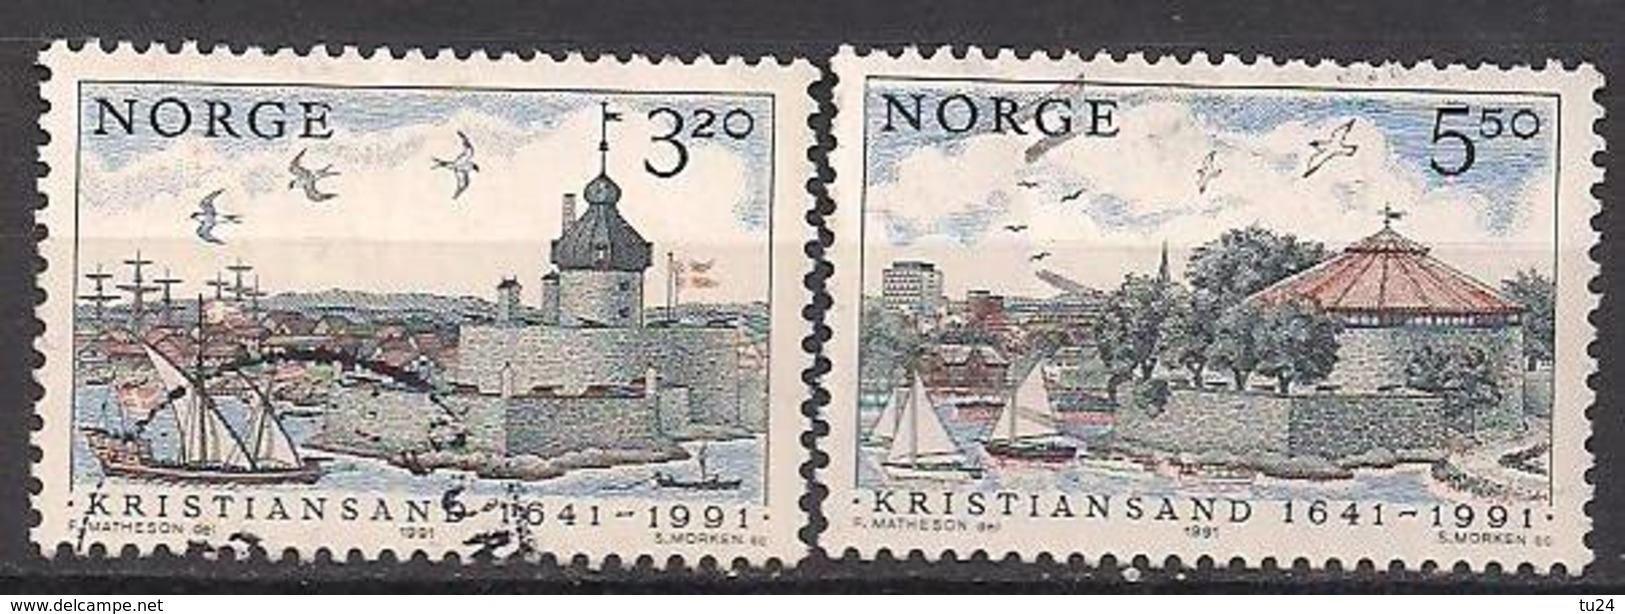 Norwegen  (1991)  Mi.Nr.  1064 + 1065  Gest. / Used  (4ff08) - Norwegen